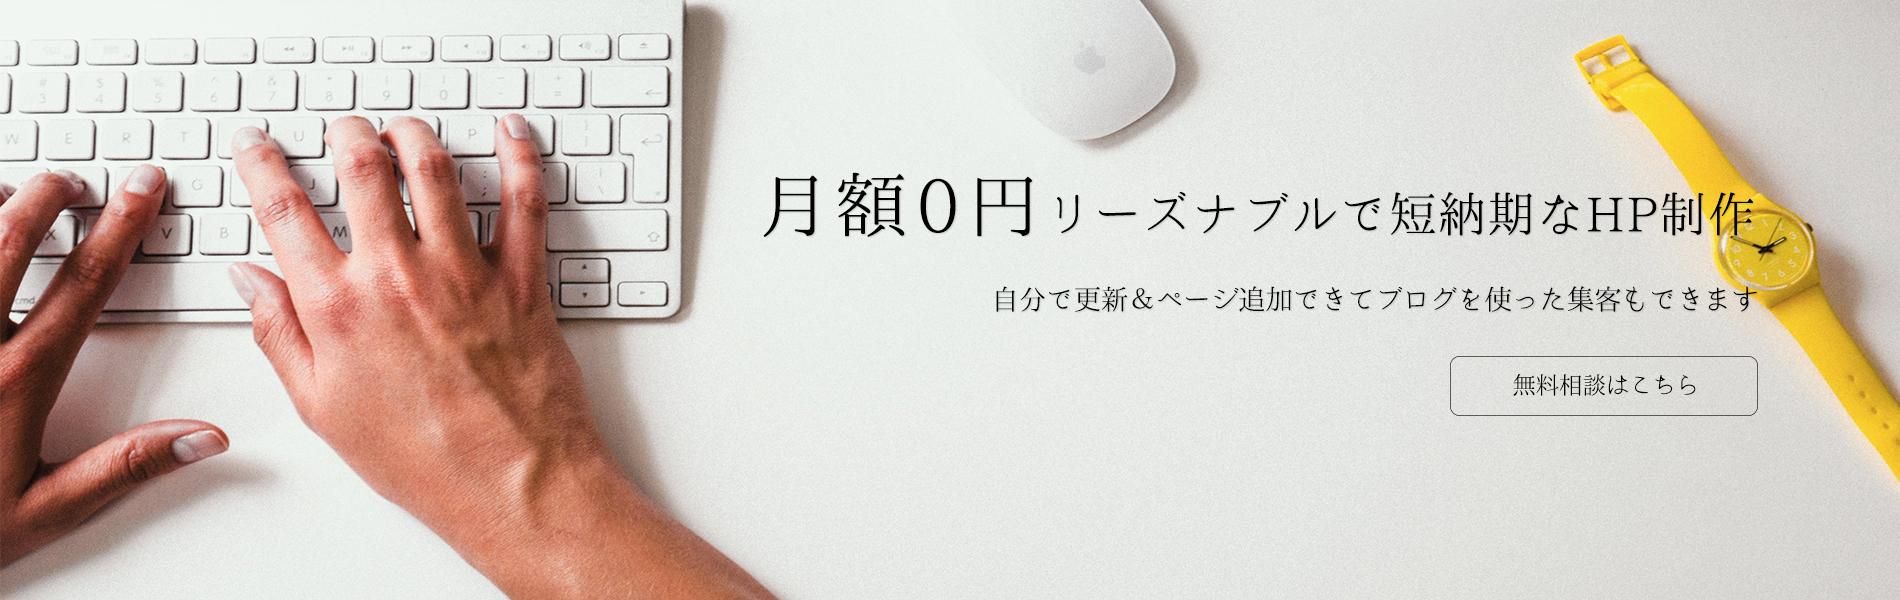 名古屋格安ホームページ・HP制作